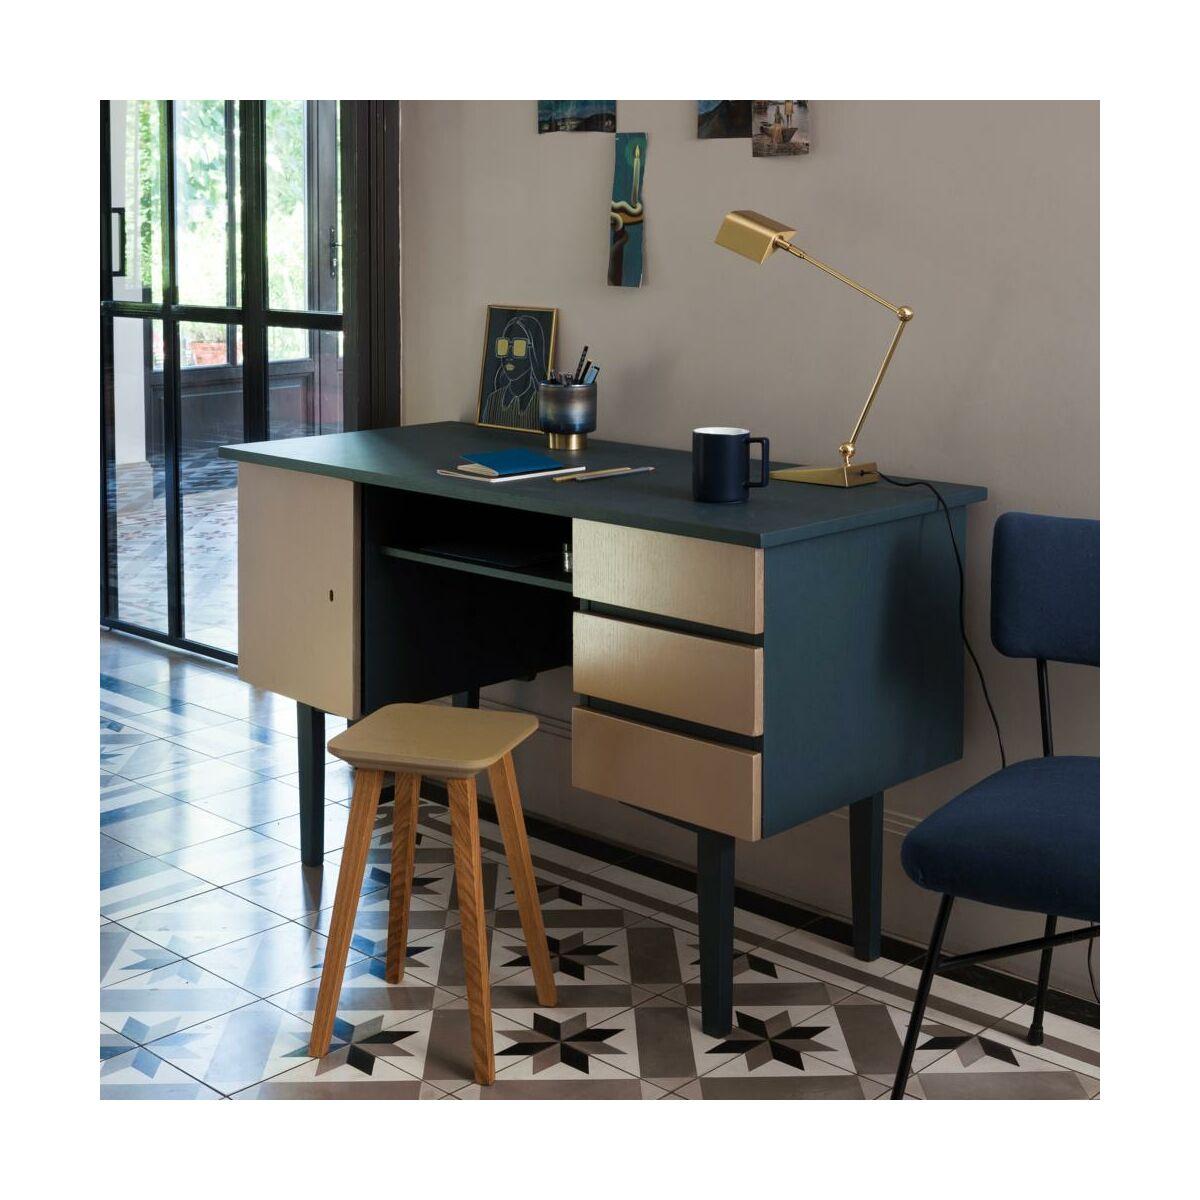 Renovcocina Blanco Renovcocina Blanco Ref 260108 Renovcocina1z1blanco Leroy Merlin Pintura Muebles Muebles Producto